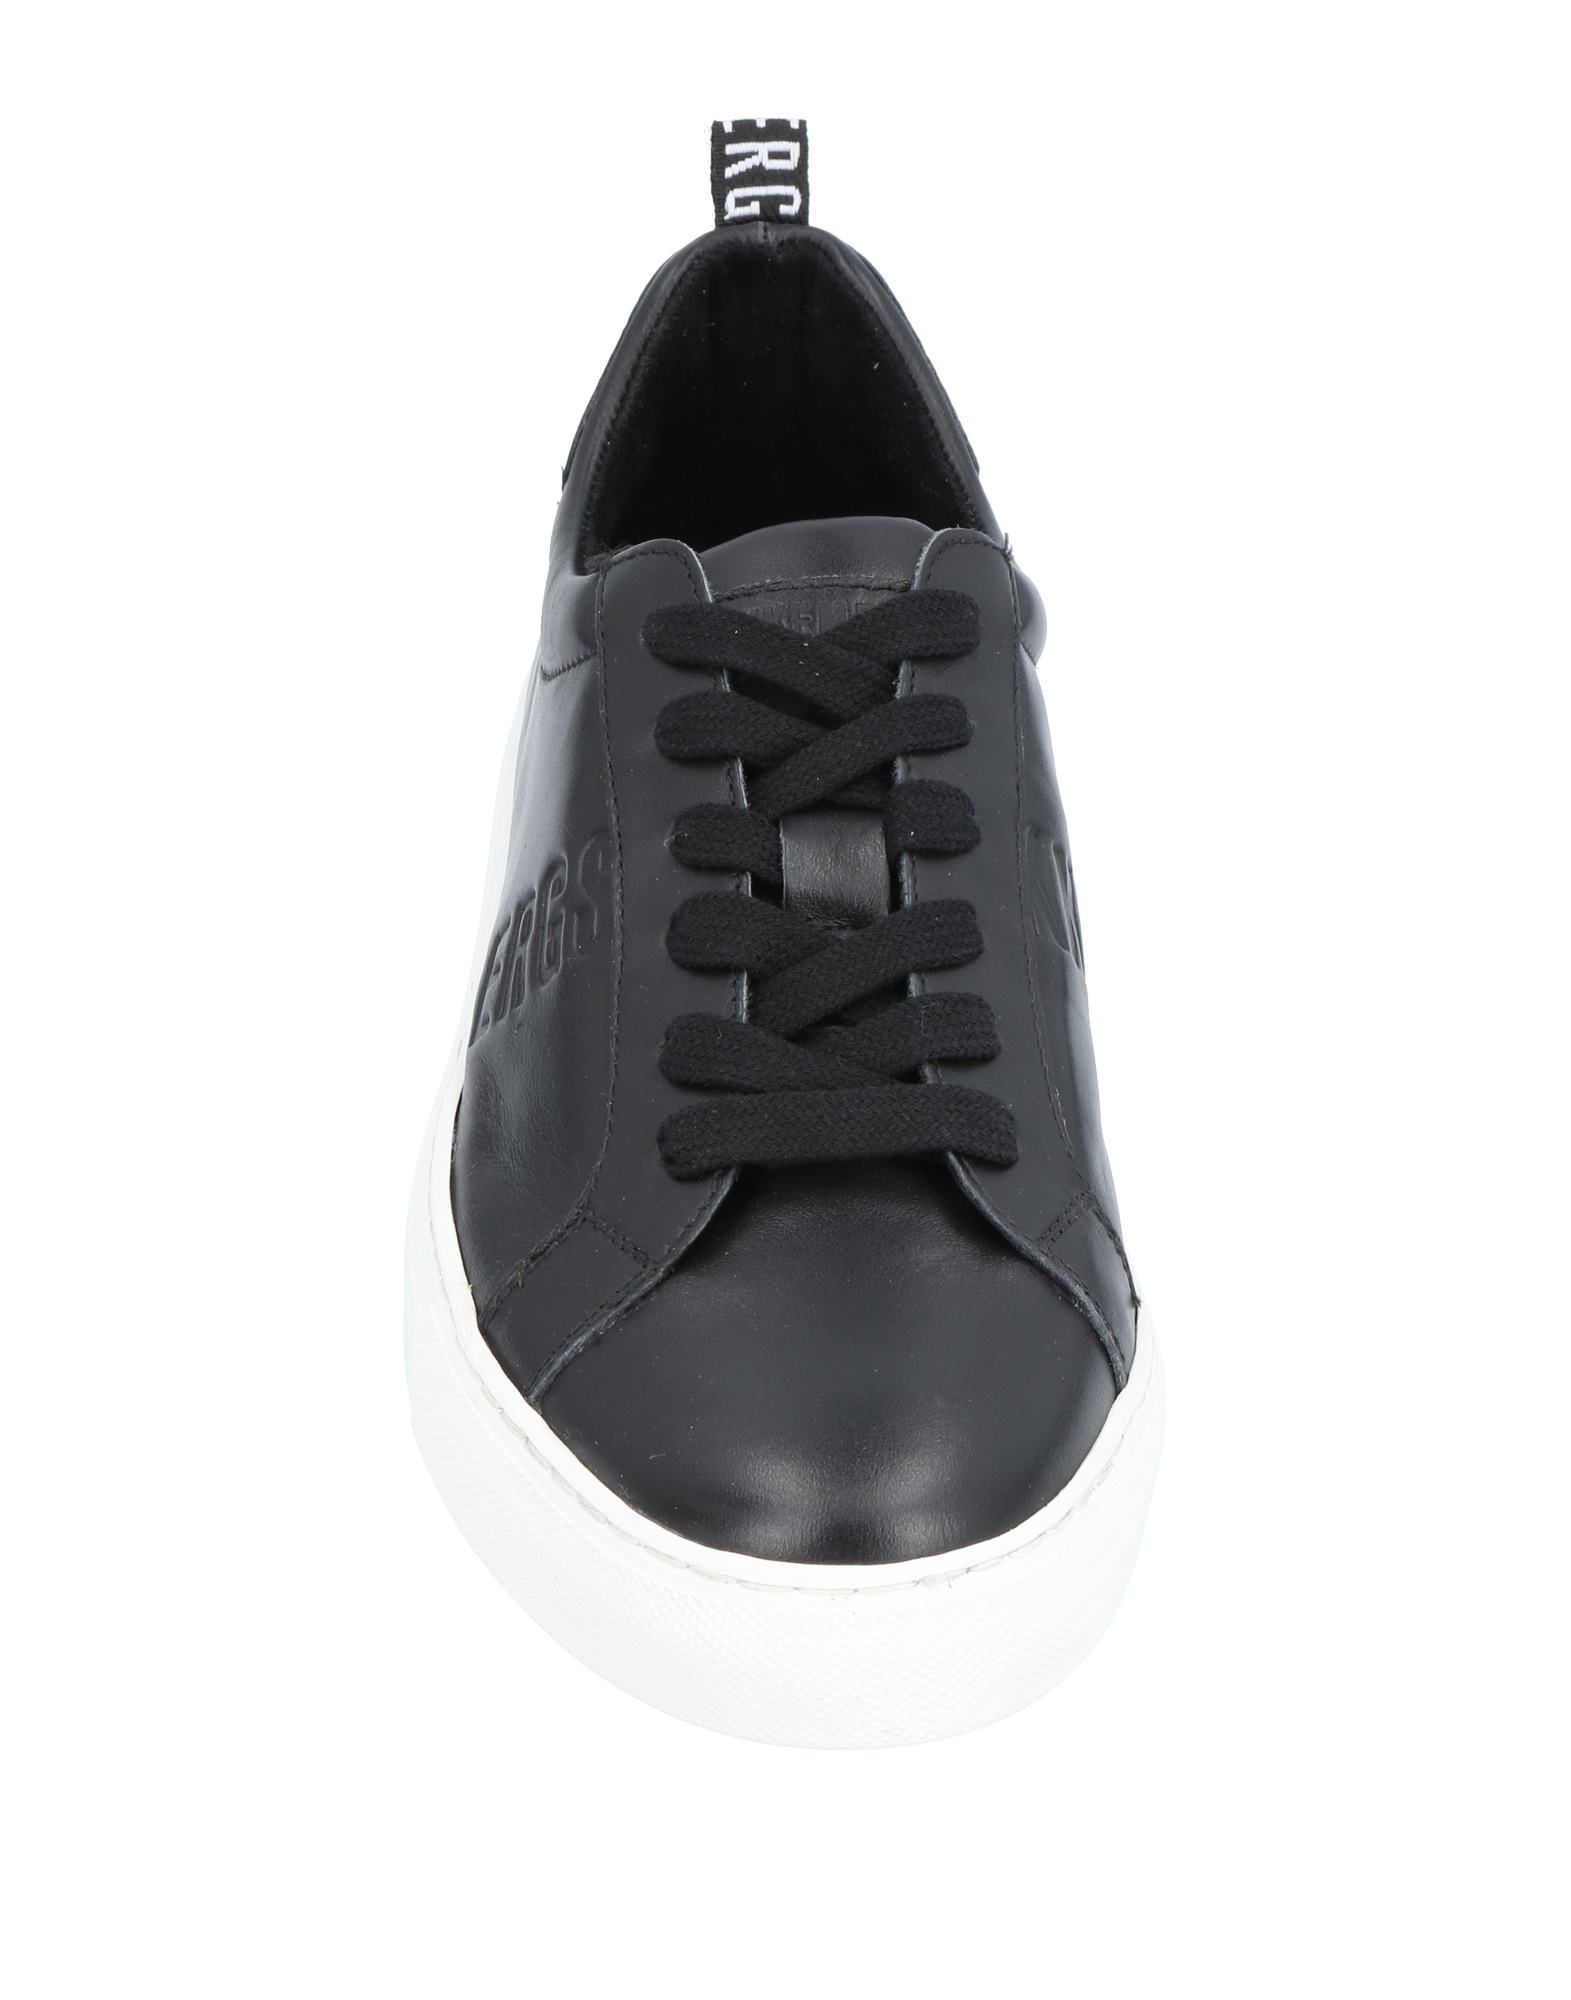 11449886FE Bikkembergs Sneakers Herren  11449886FE  ca566d